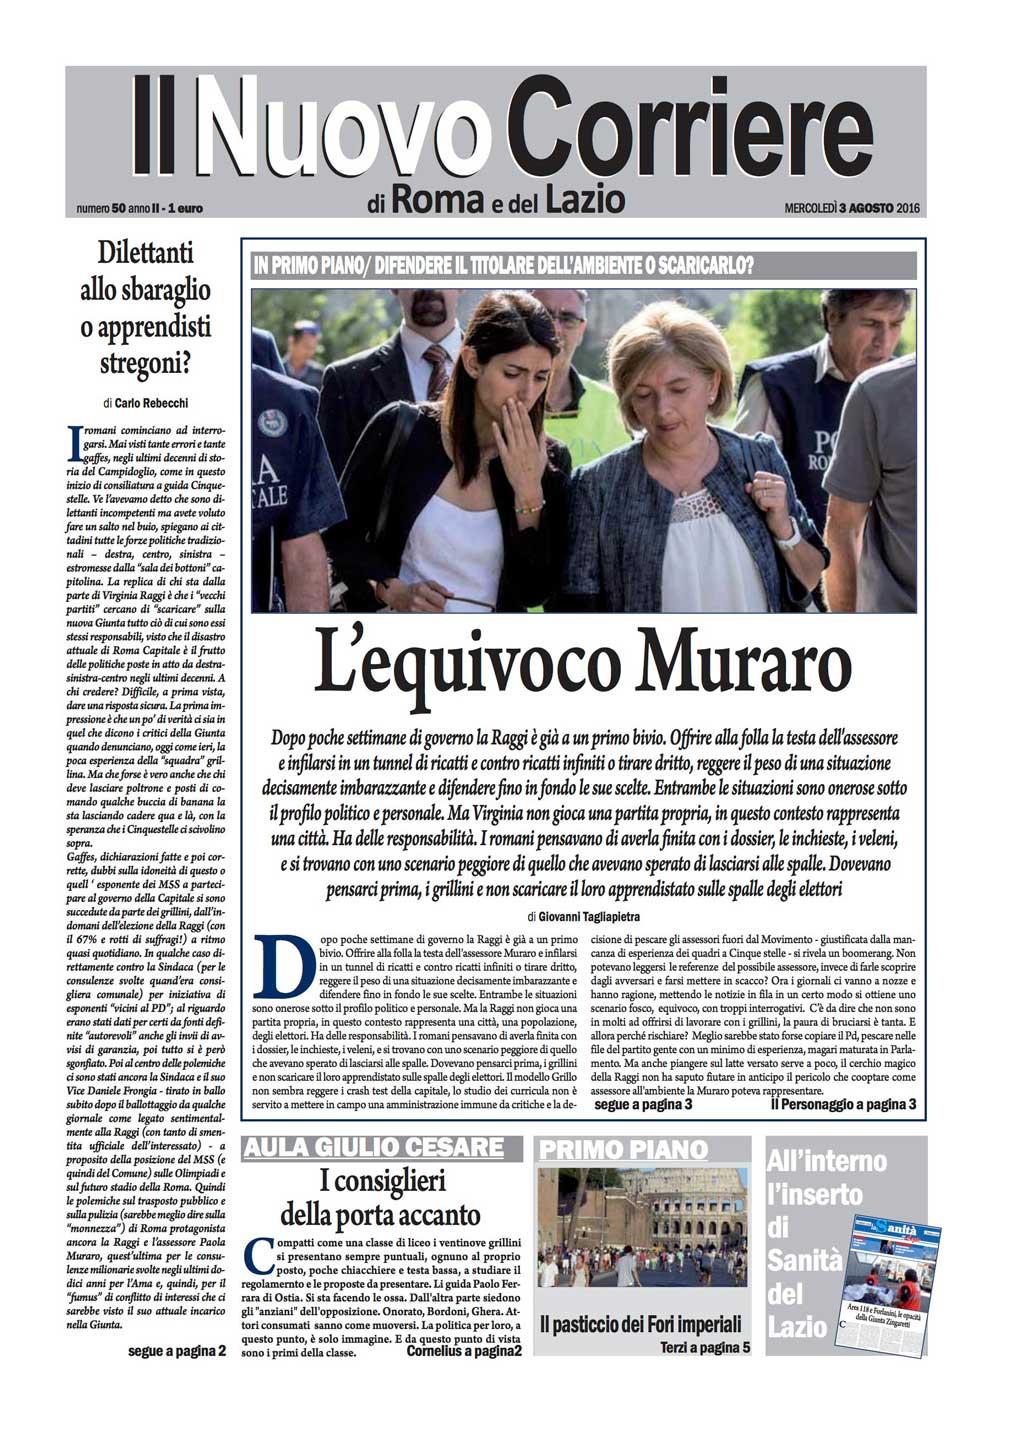 Il Nuovo Corriere di Roma – Mercoledì 3 Agosto 2016